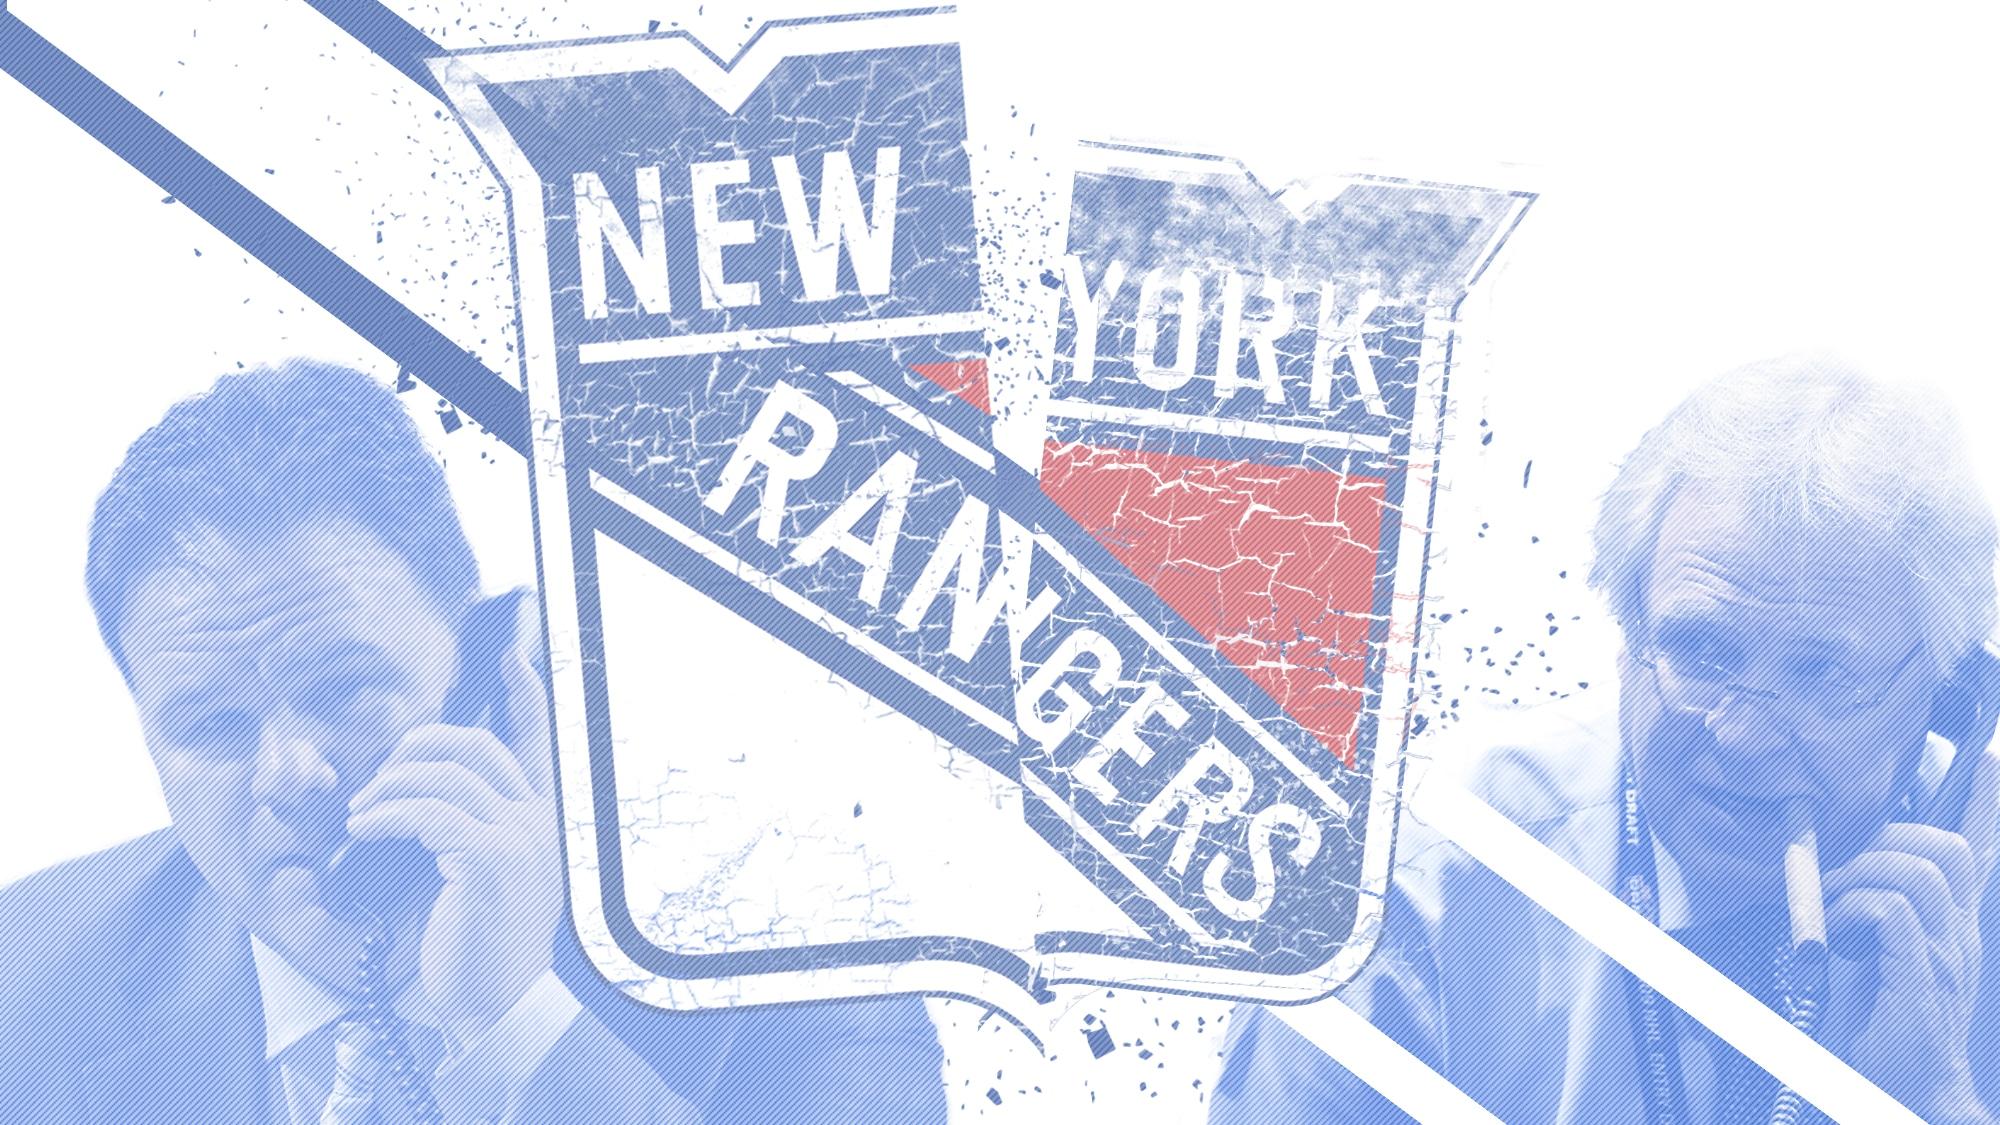 New York Rangers letter hurt the team